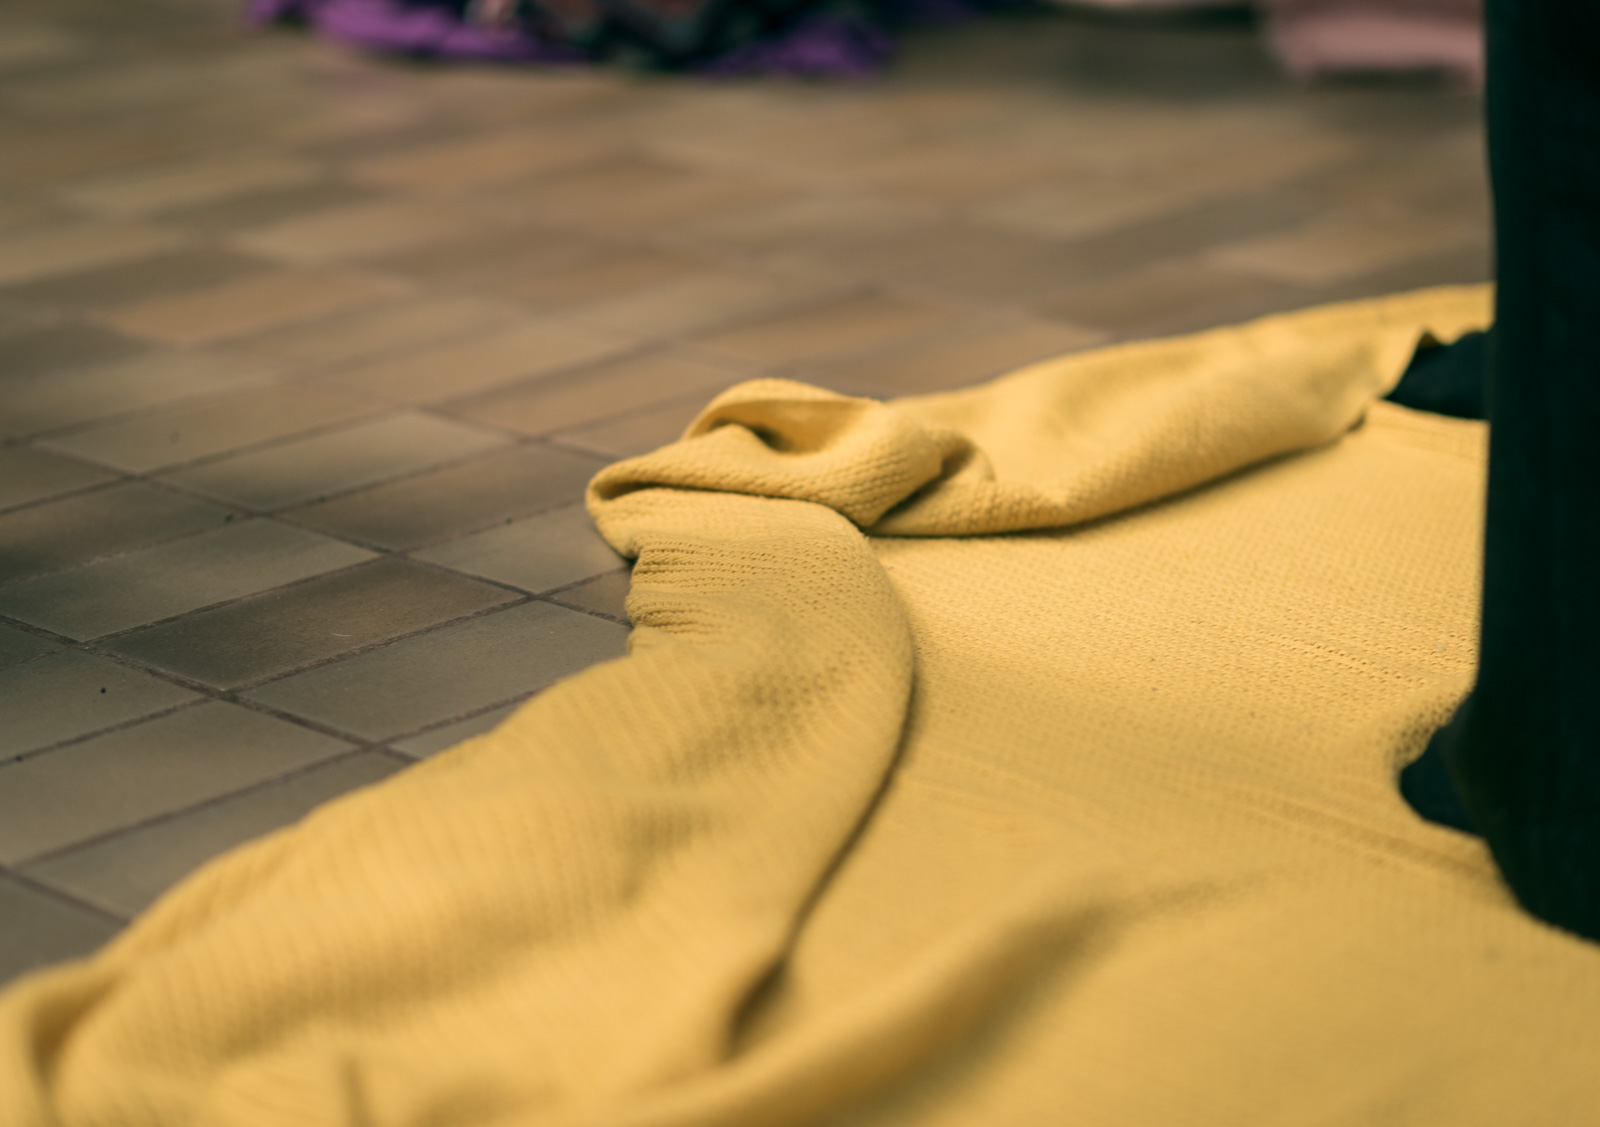 kairos-blanket-exercise-blog-17.jpg